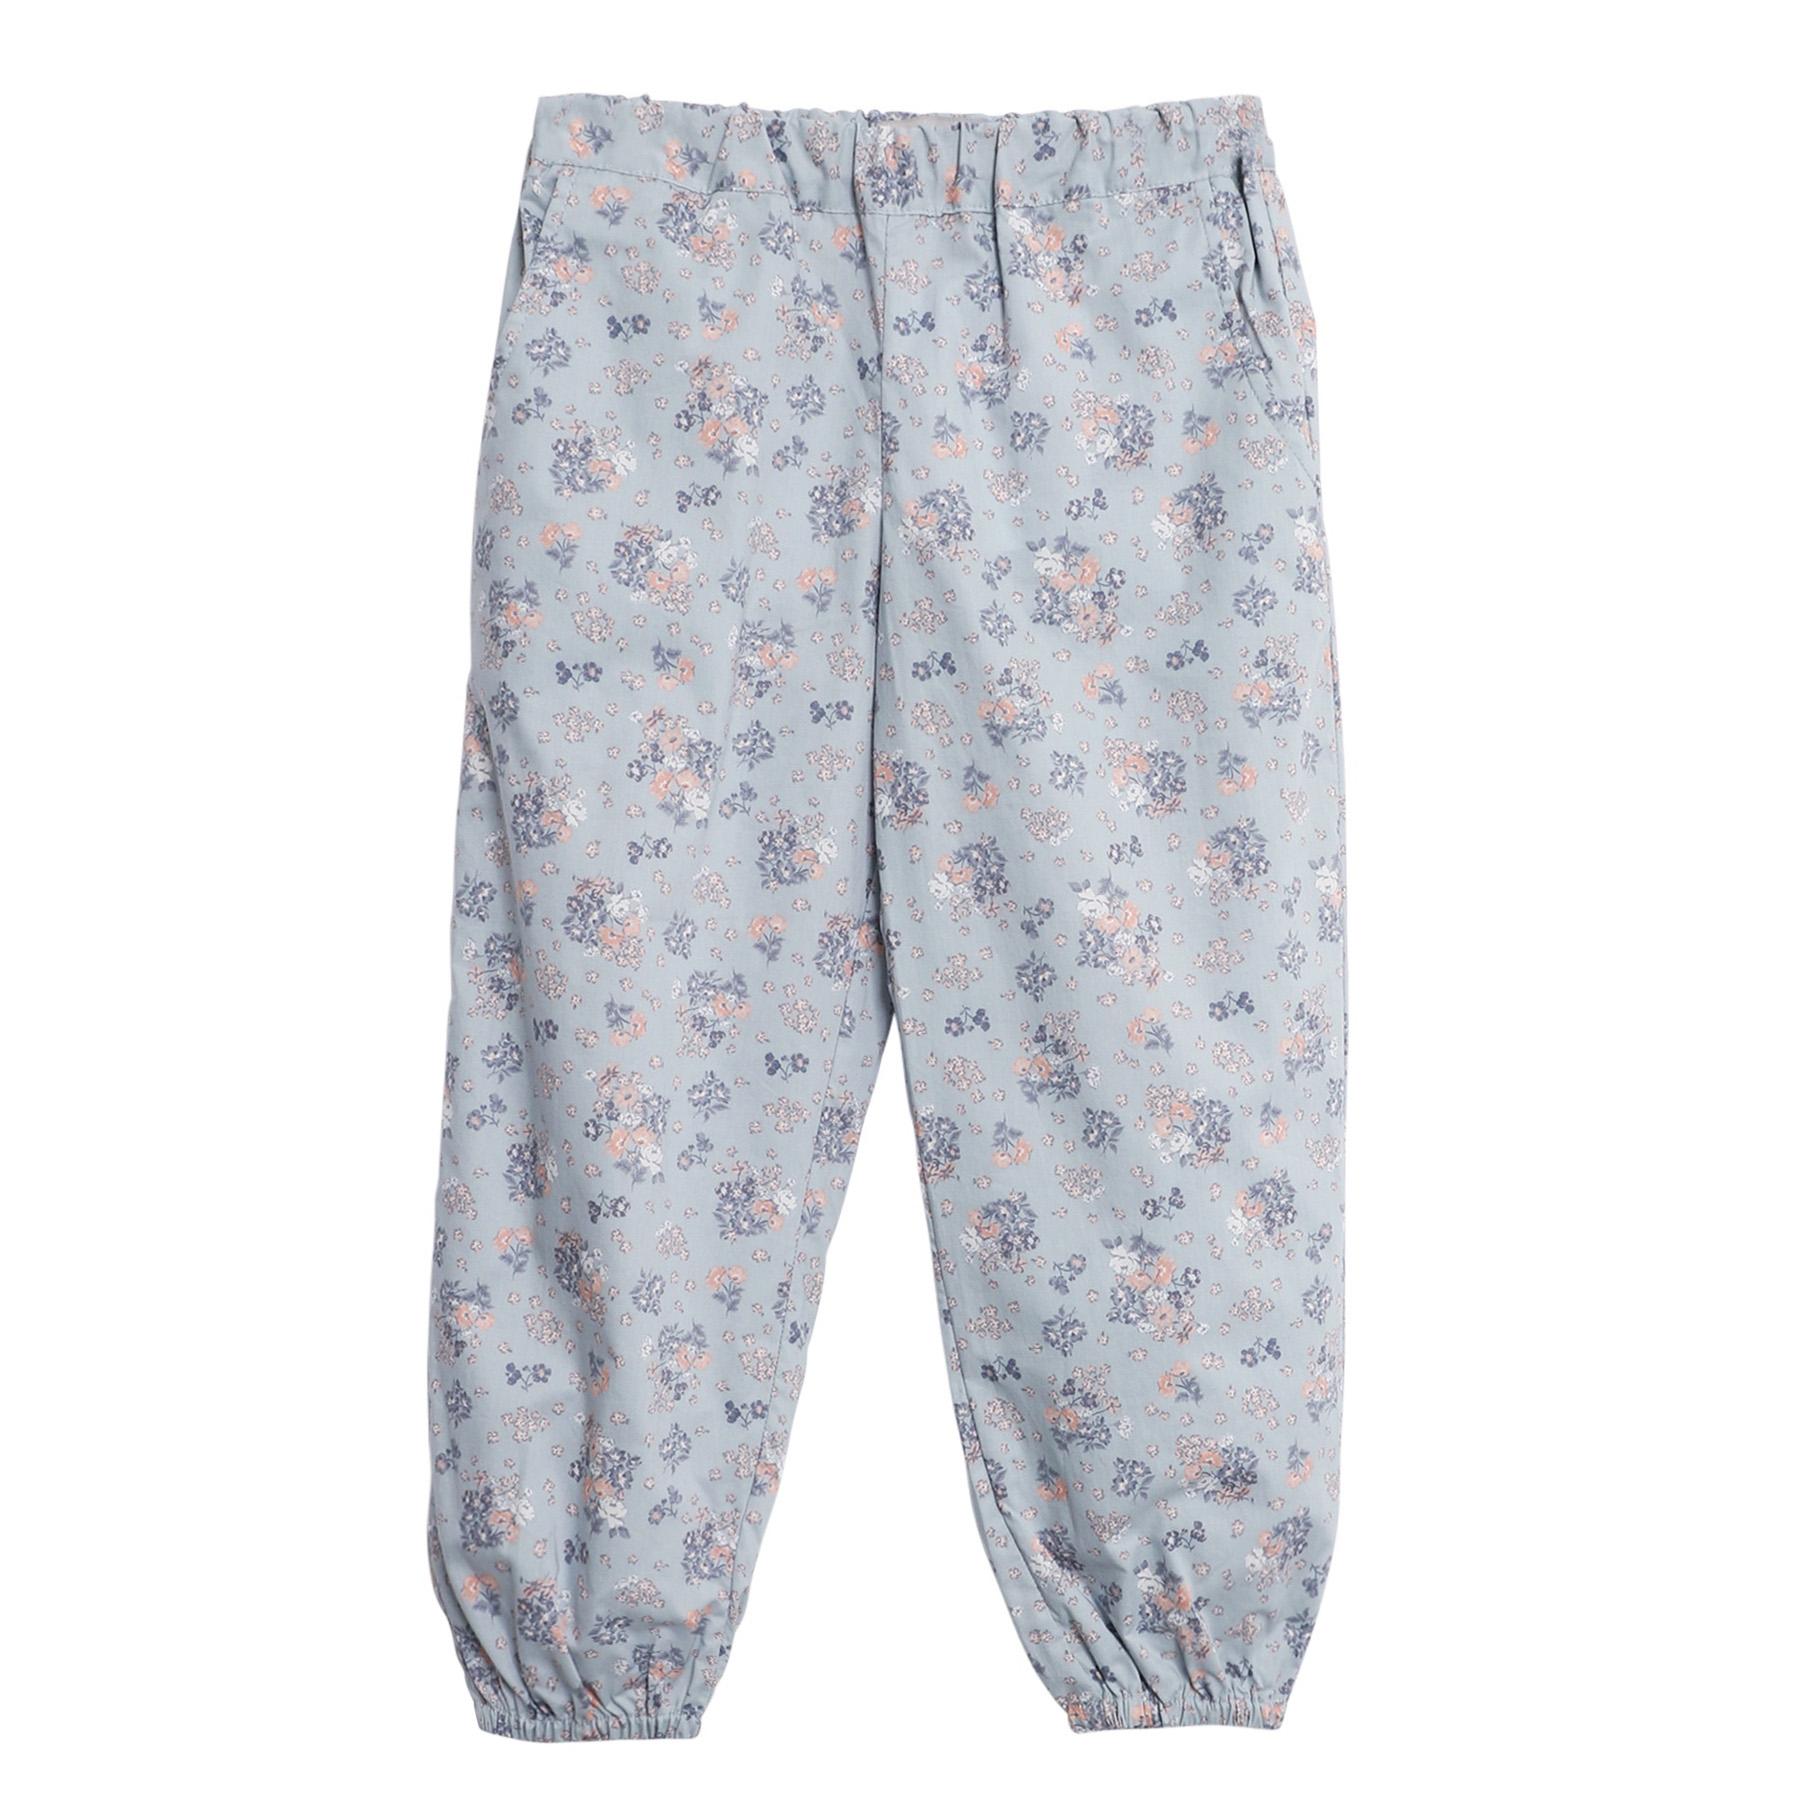 Wheat bukse til barn med blomster, pearl blue DressMyKid AS